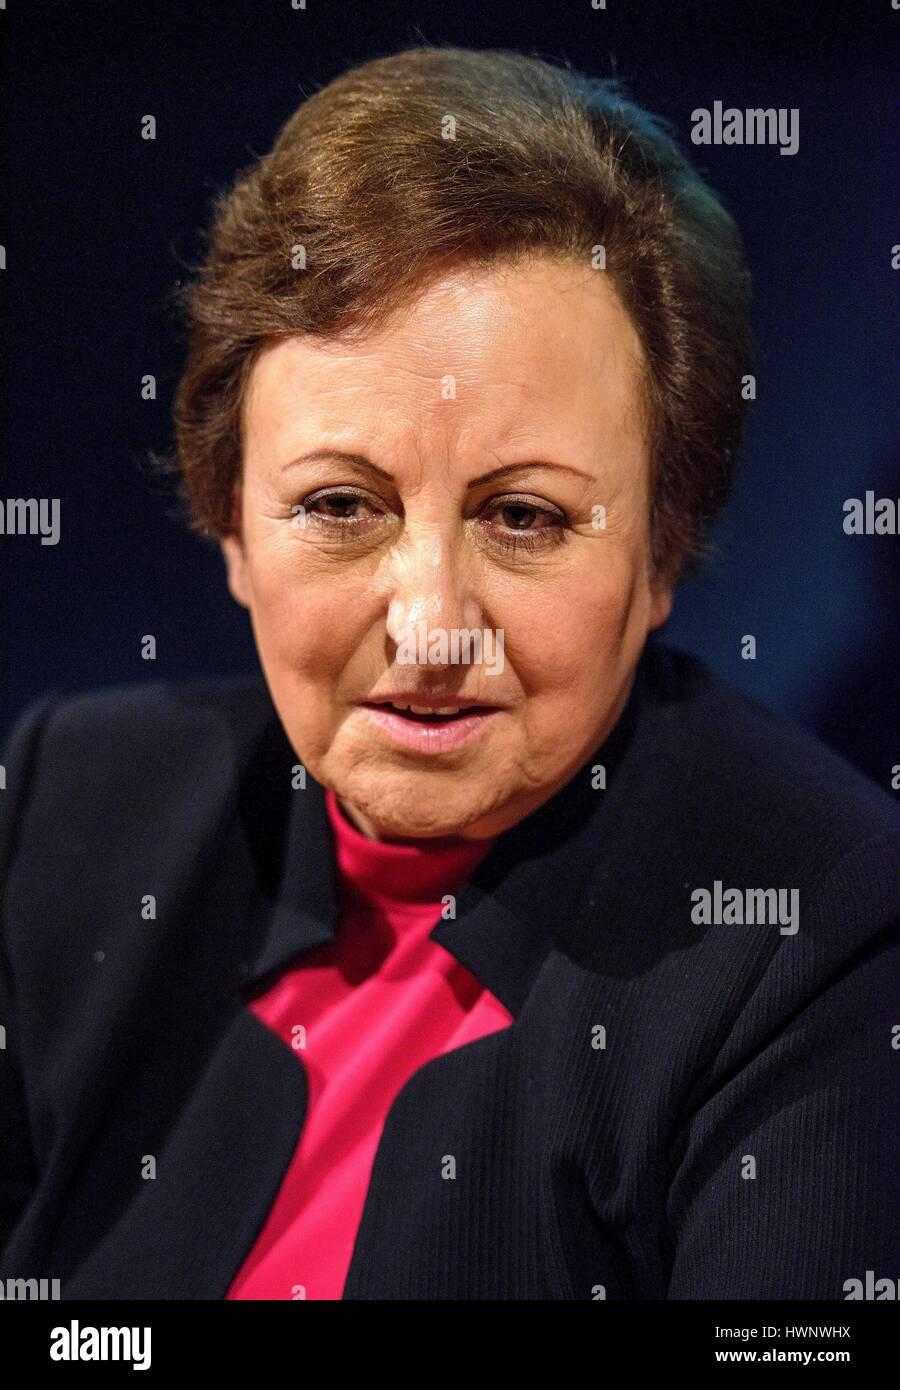 Avvocato iraniana e attivista per i Diritti Umani Shirin Ebadi in occasione del Salone Internazionale del Libro Immagini Stock